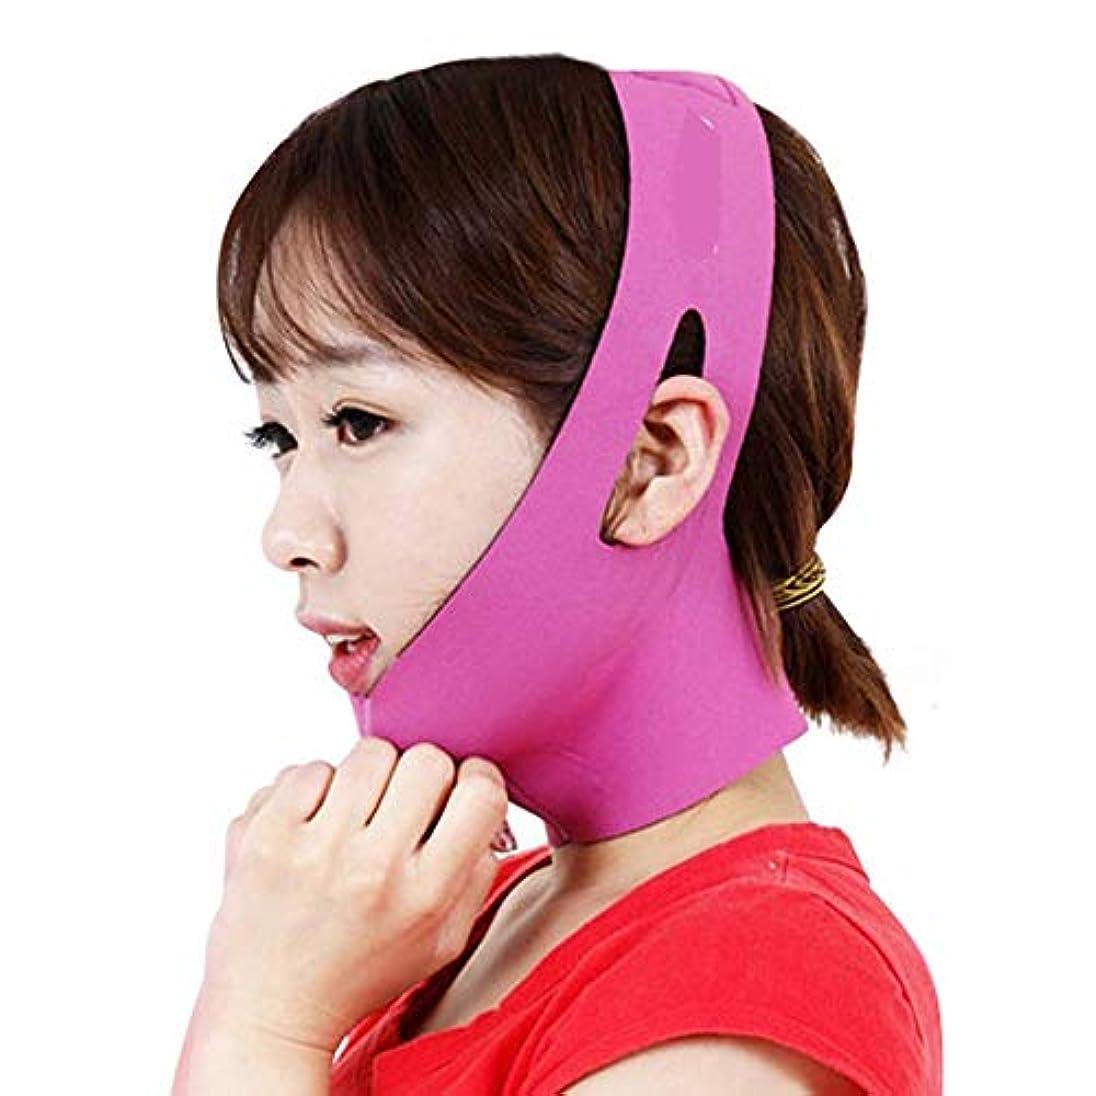 ガロン化学レンズJia Jia- フェイシャルリフティング痩身ベルト圧縮二重あご減量ベルトスキンケア薄い顔包帯二重あごワークアウト 顔面包帯 (色 : ピンク)